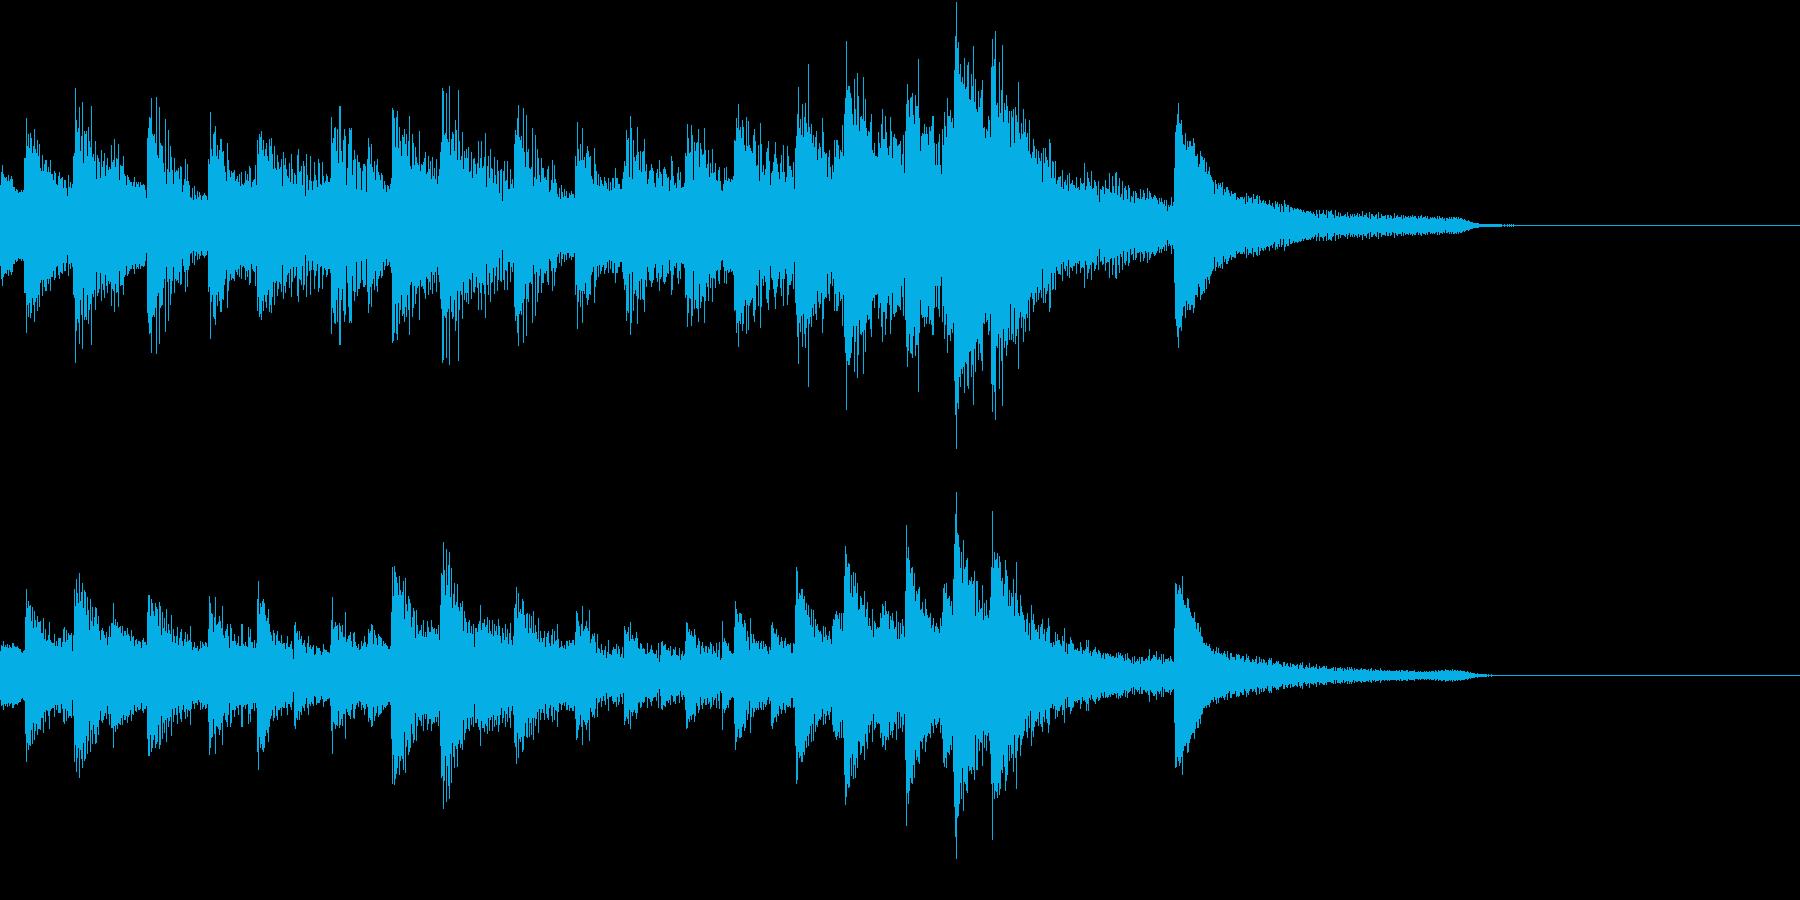 コードメインの4分の5拍子ピアノジングルの再生済みの波形